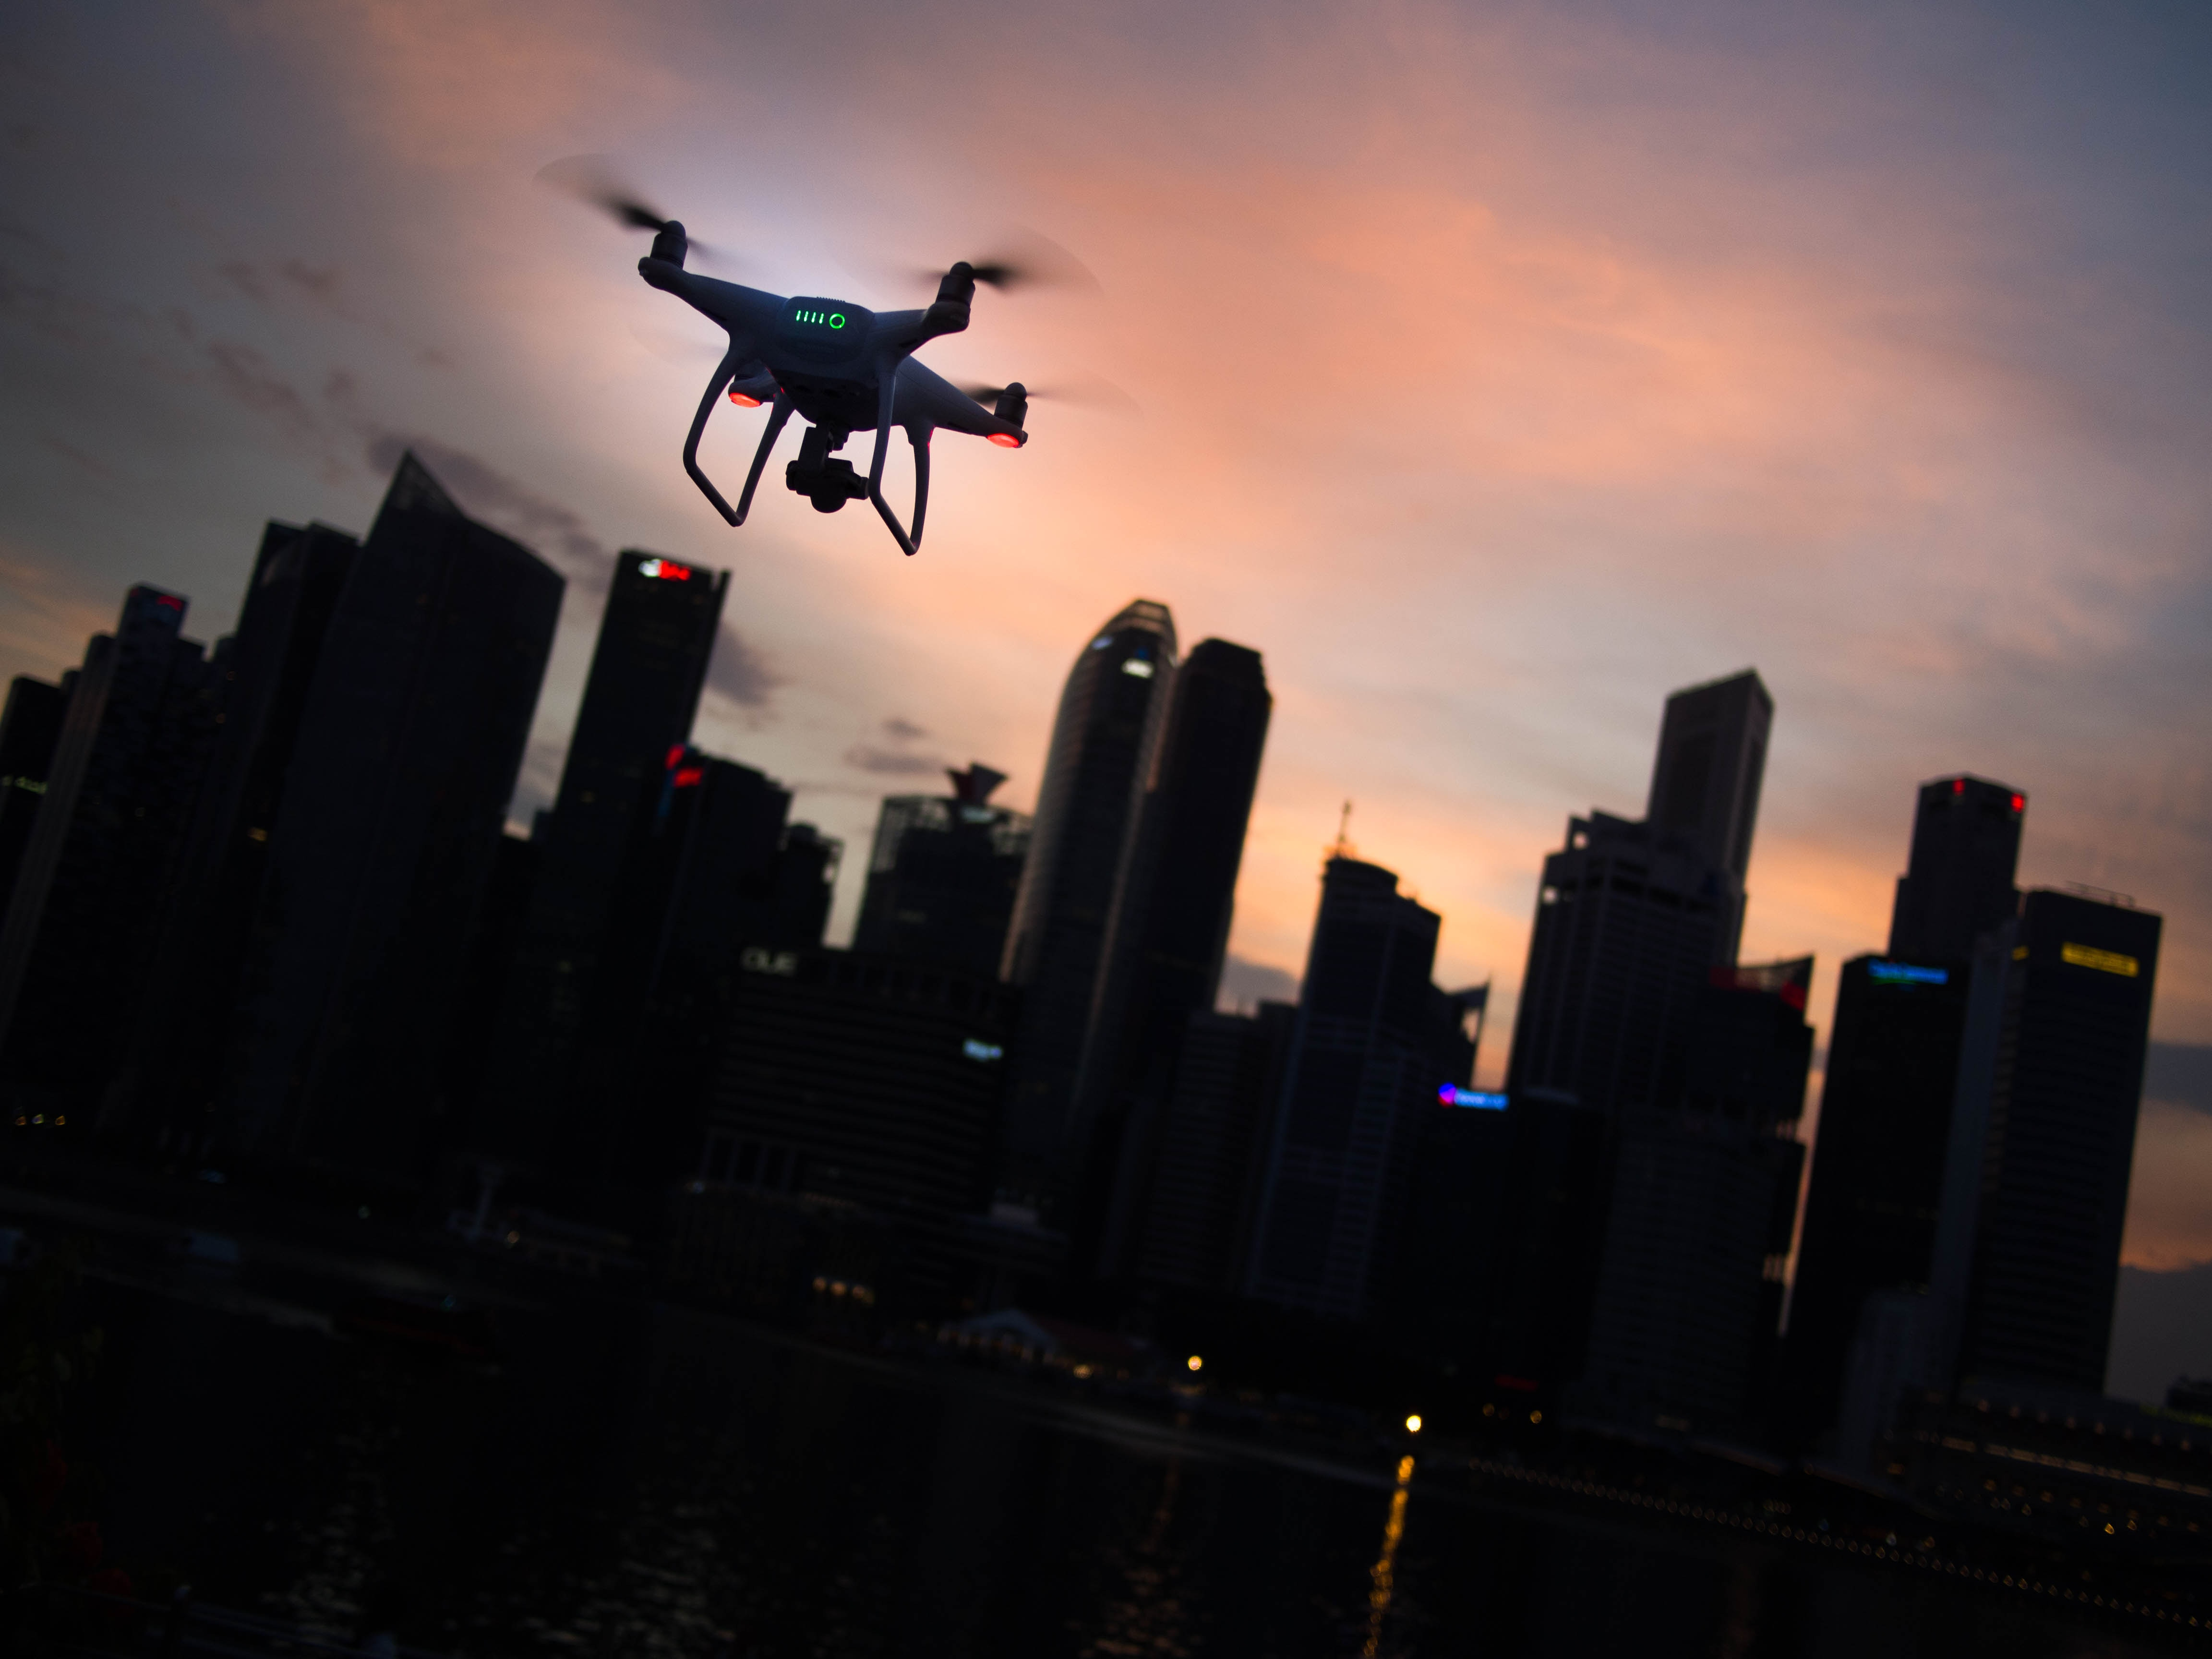 La era de los drones: ¿Reputación negativa injusta?